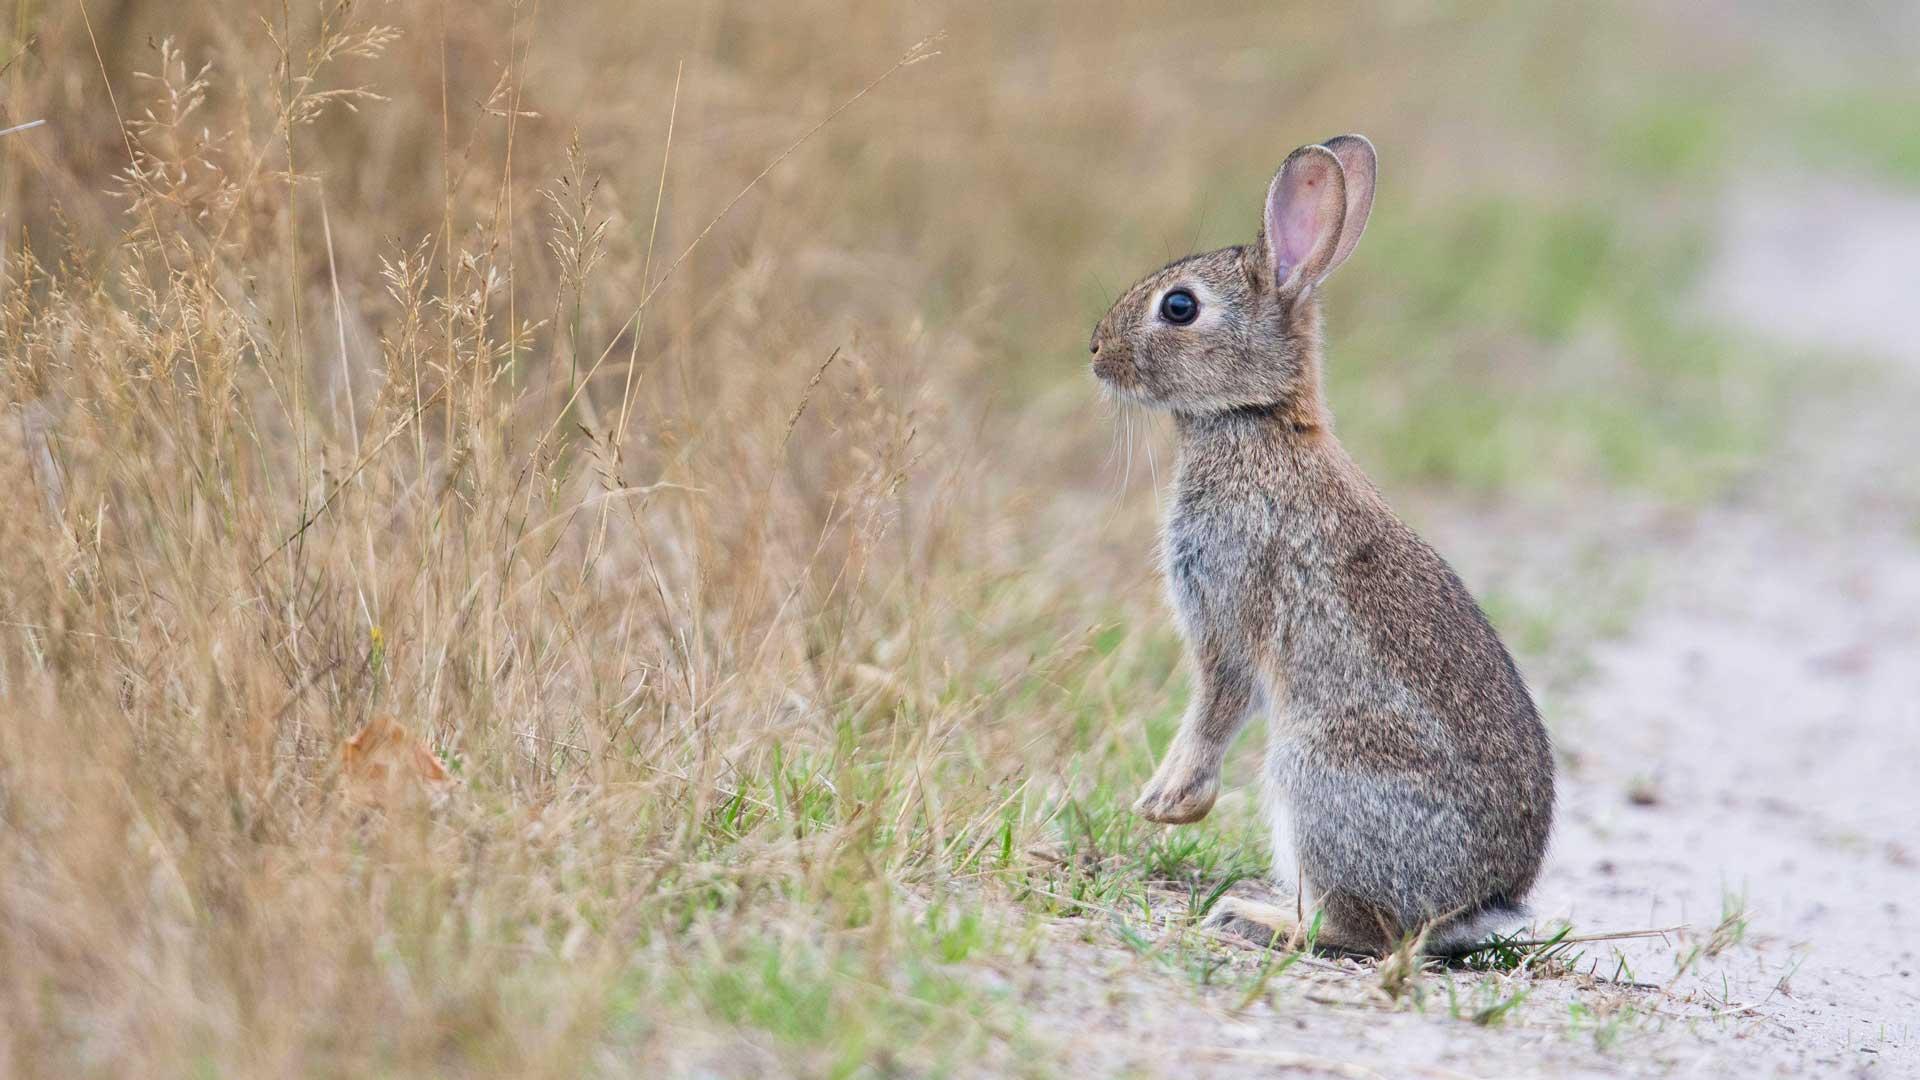 Sind Hasen und Kaninchen verwandt? Wie unterscheiden sie sich?